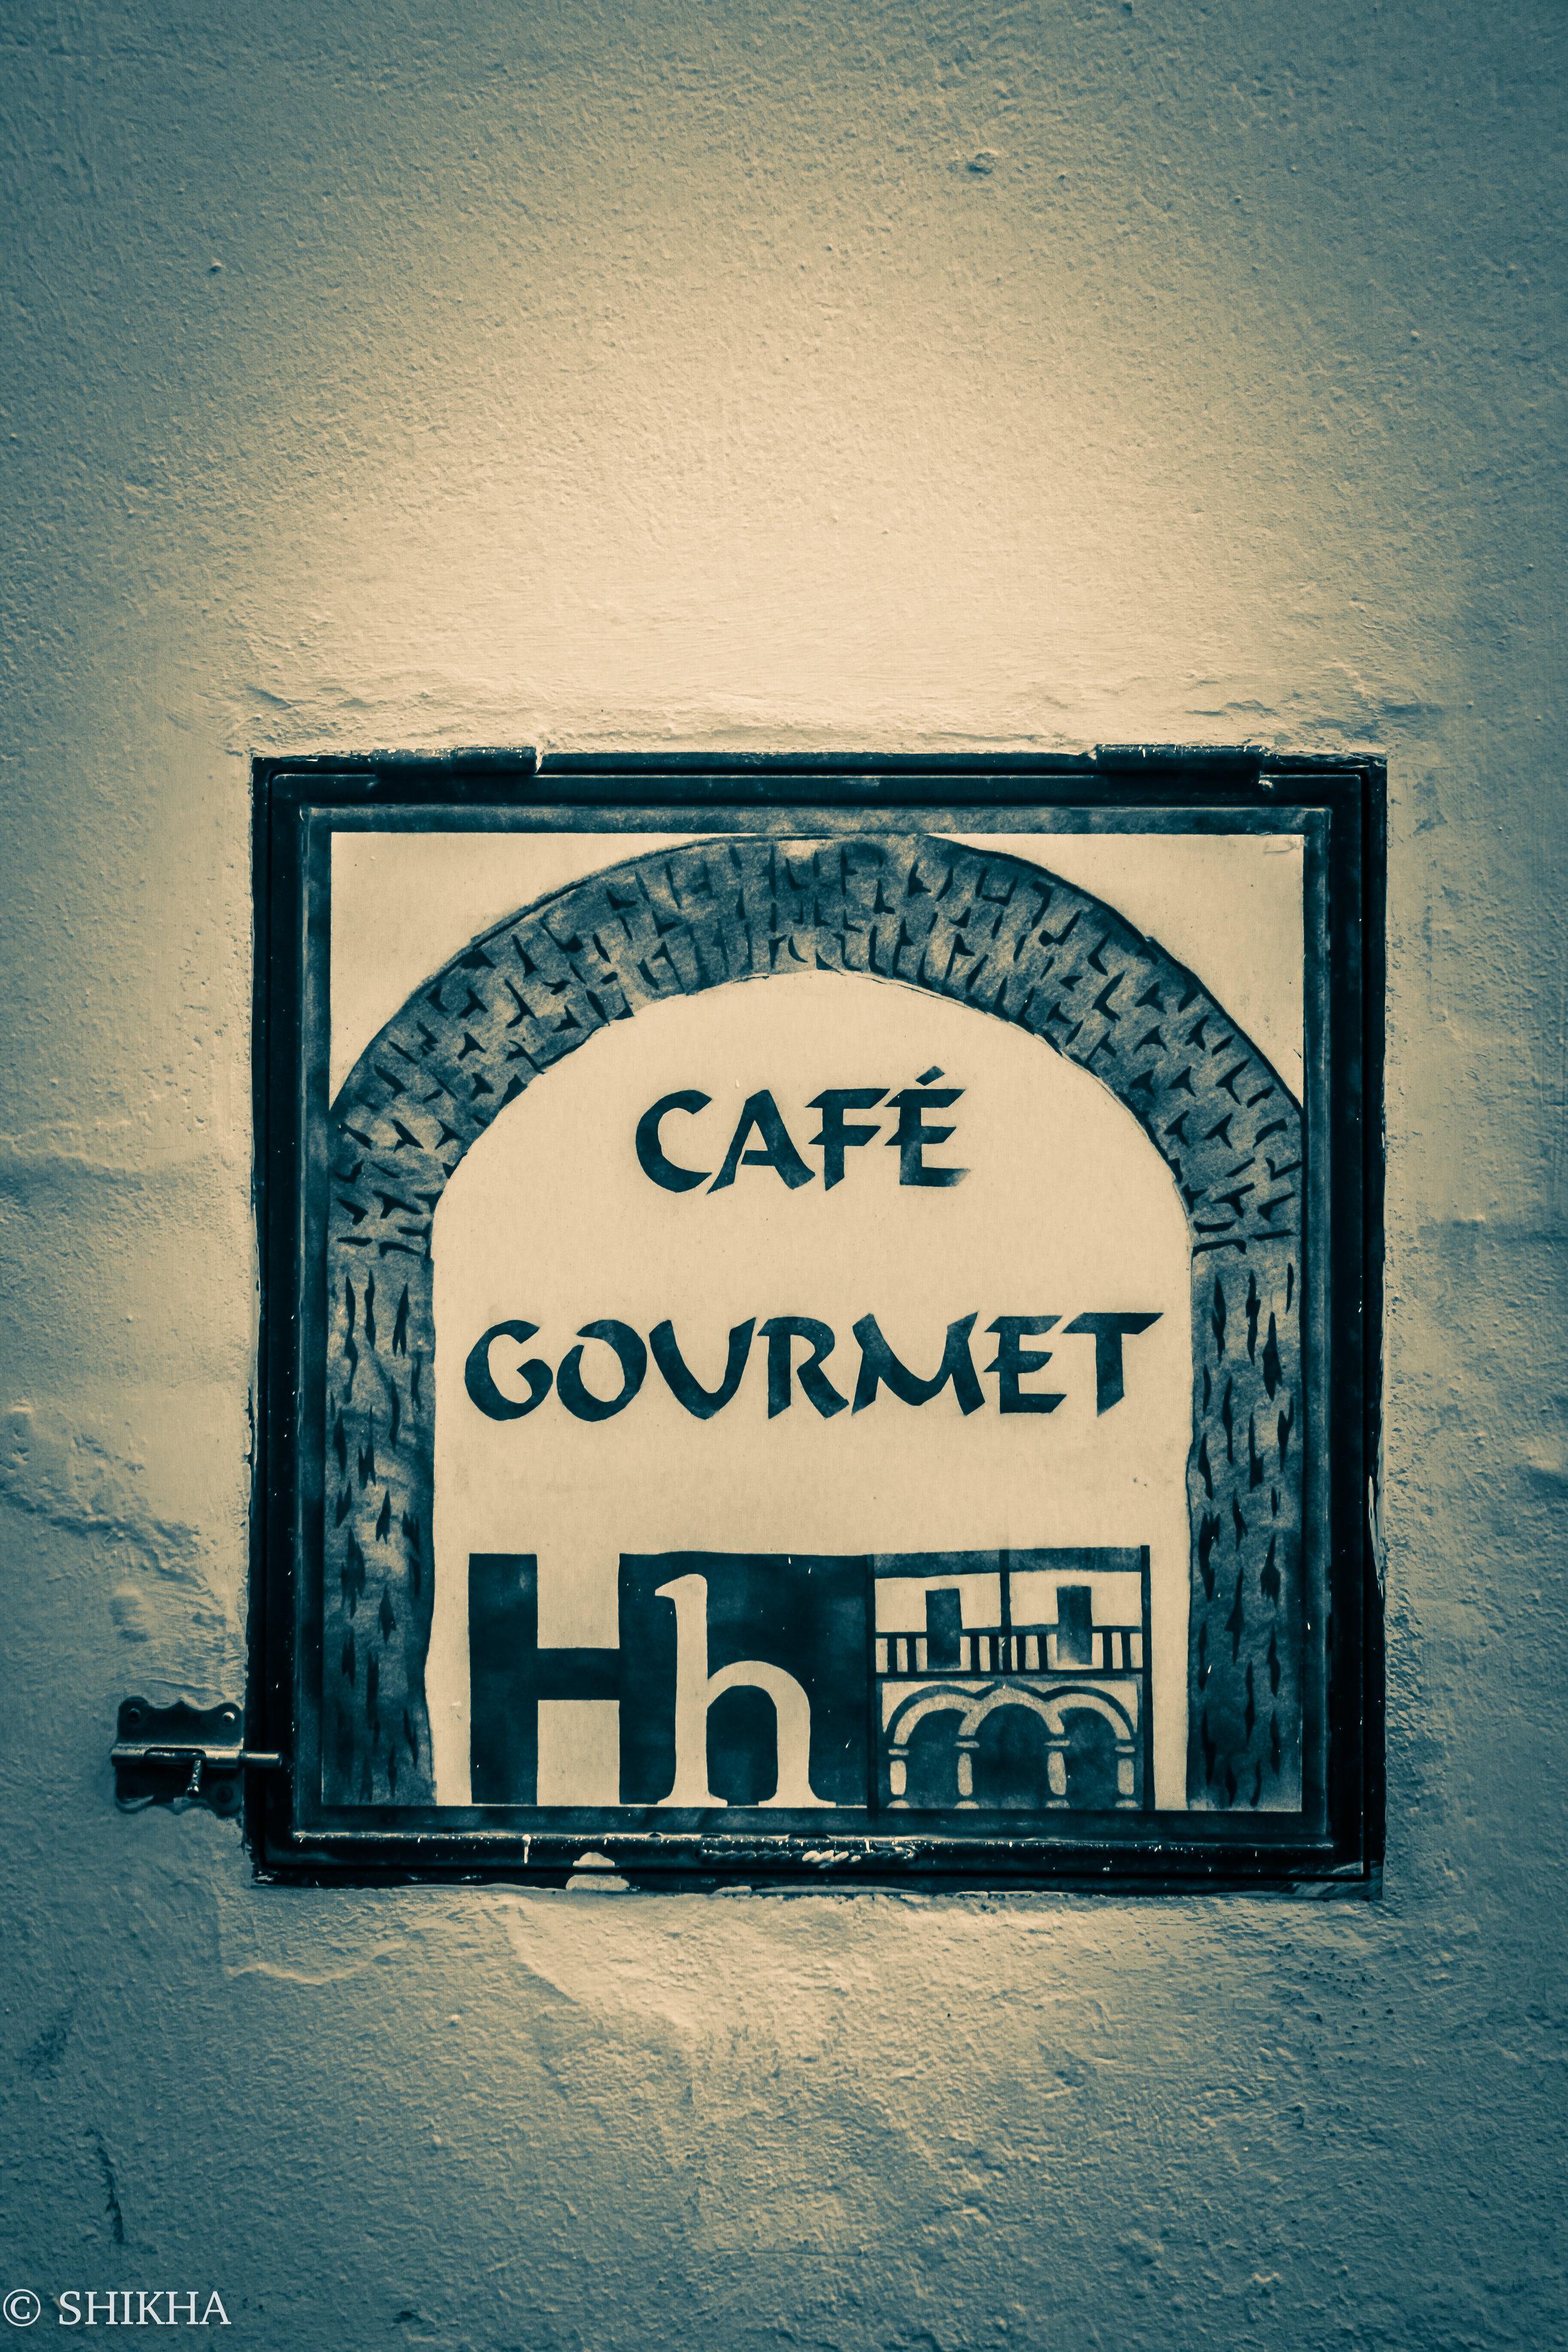 A gourmet cafe